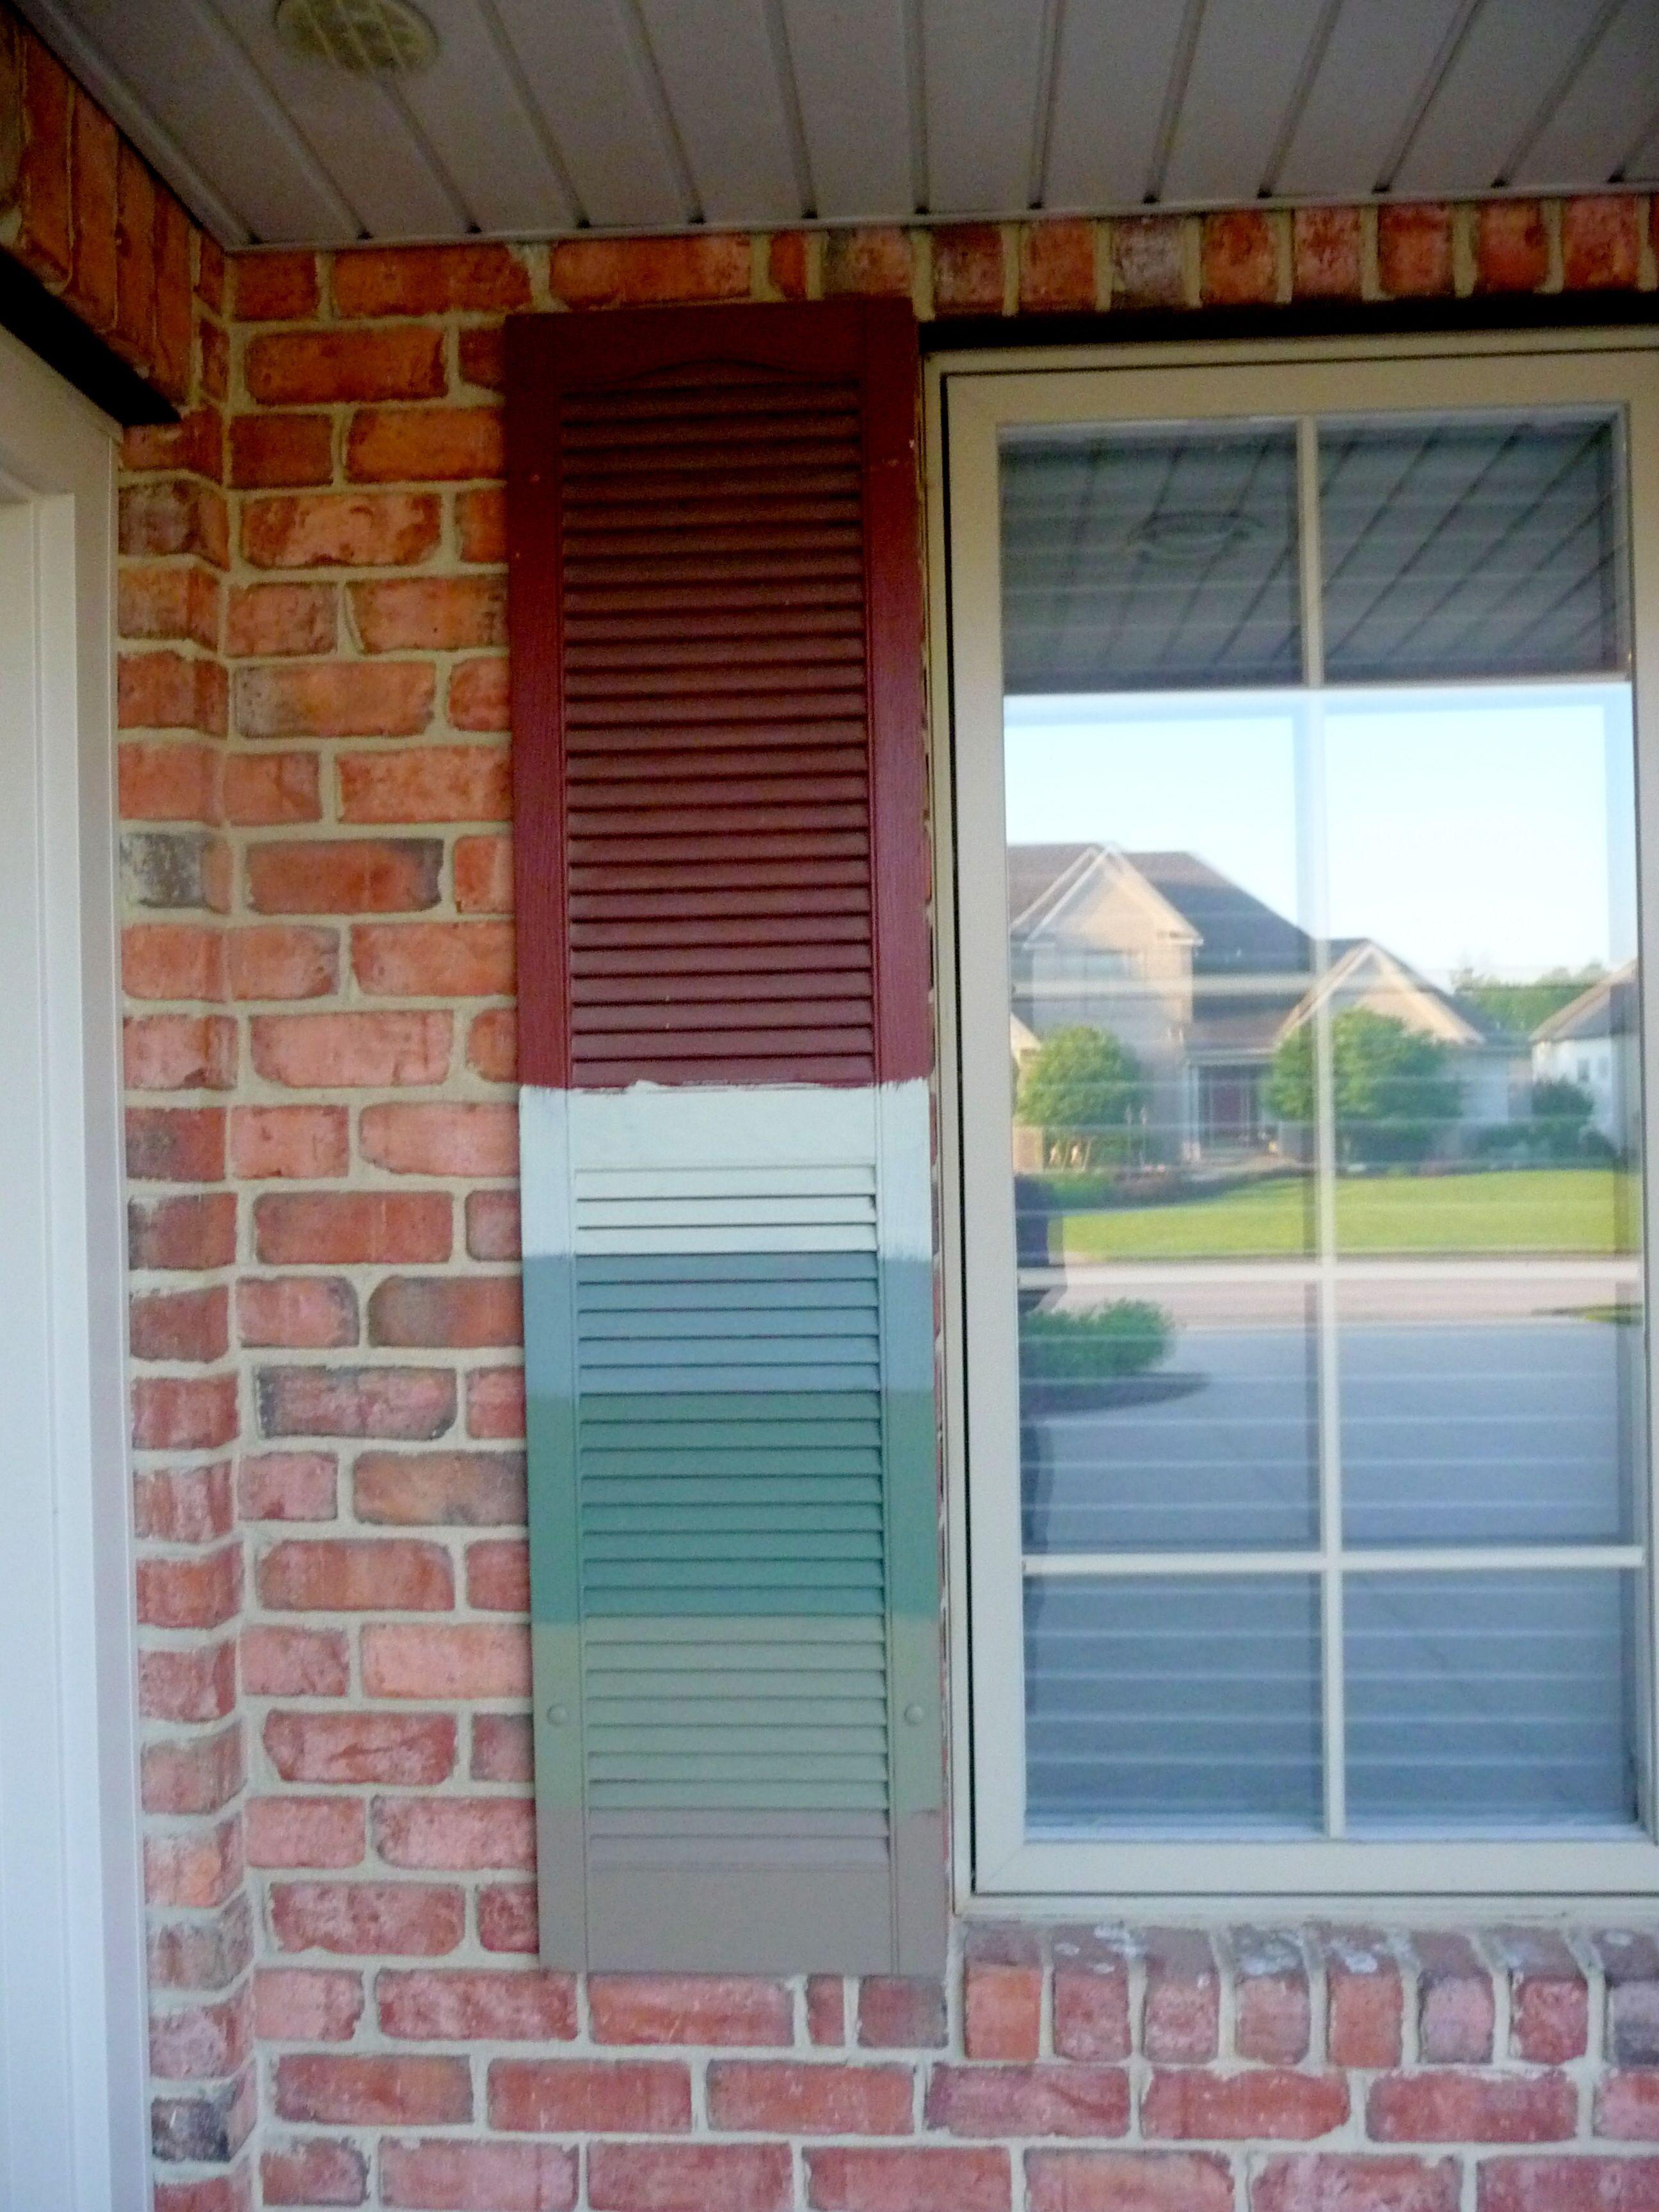 Pin von Erica Nelson auf Home | Pinterest | Türen